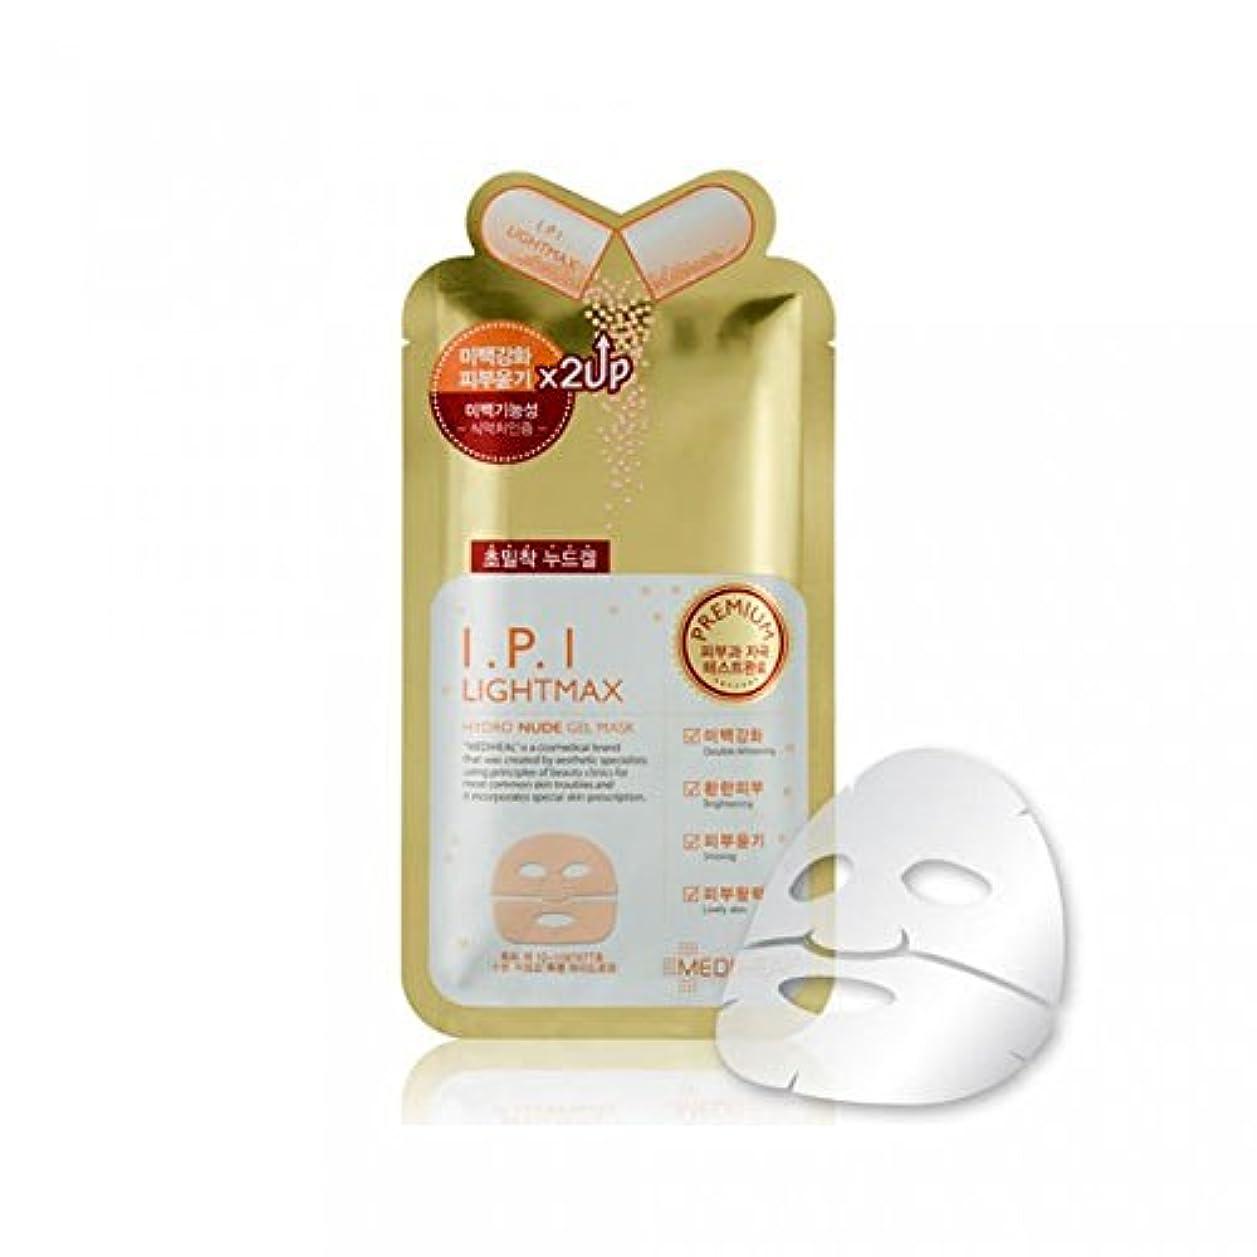 キャロライン採用代替案メディヒール プレミアム IPI ライトマックス ヌード ゲルマスク (10枚) [Mediheal premium IPI LIGHT MAX Nude Gel Mask 10 sheets] [並行輸入品]